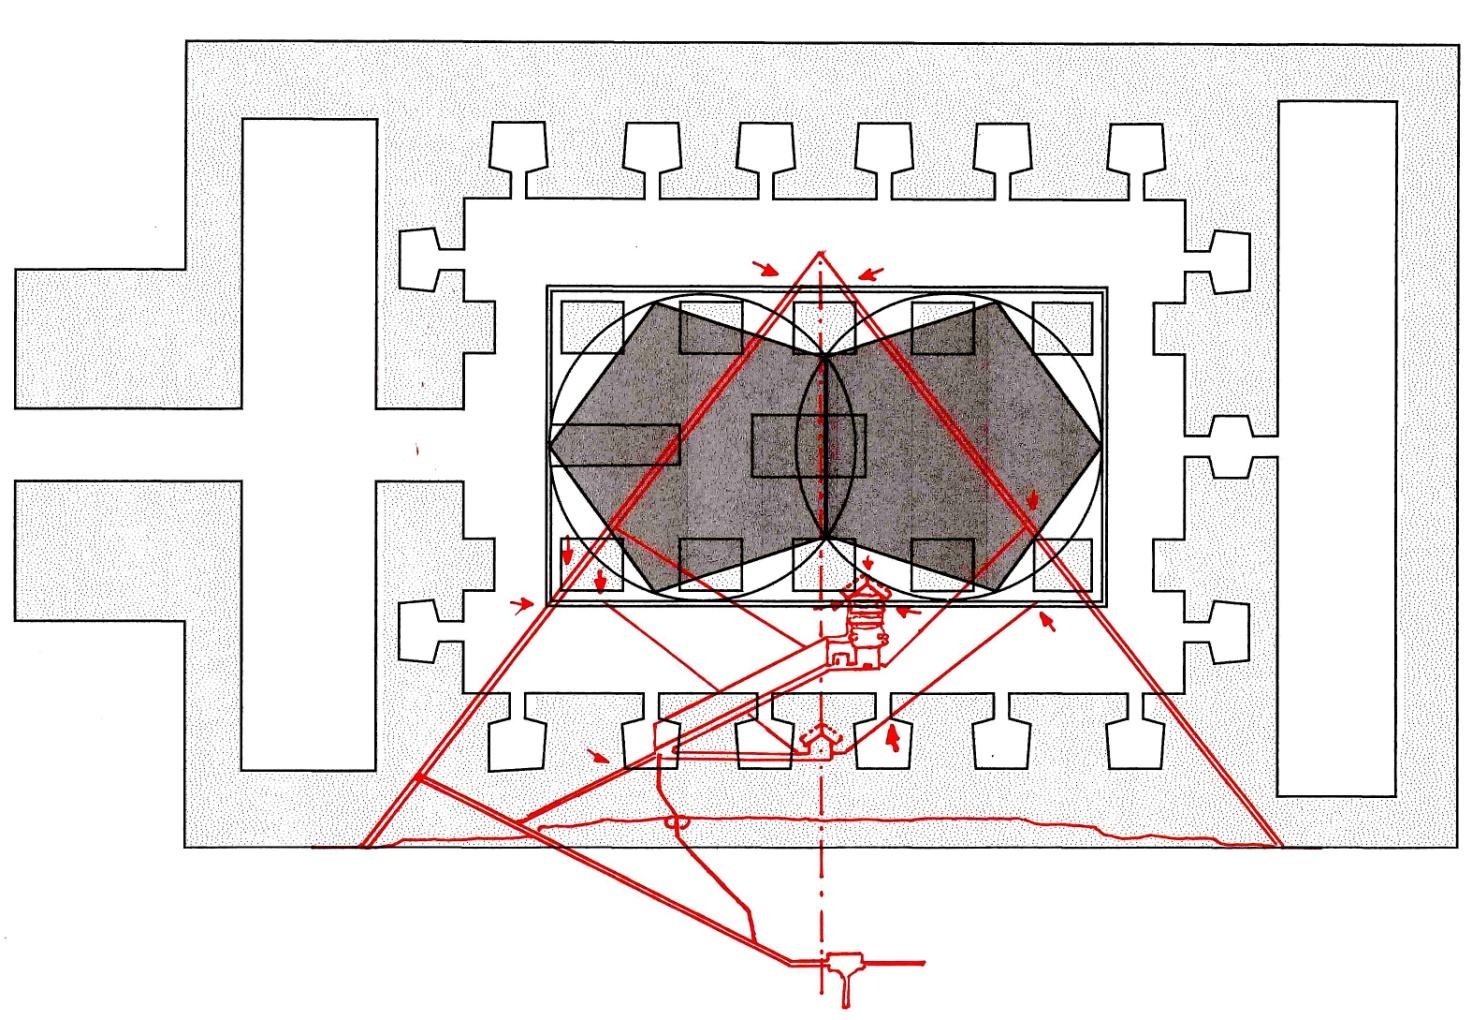 C:\Users\Gabriele\Pictures\2.NUOVO ARTICOLO\aggiunte alla parte 2 inglese\2 blocco ancora da aggiungere\2a.jpg